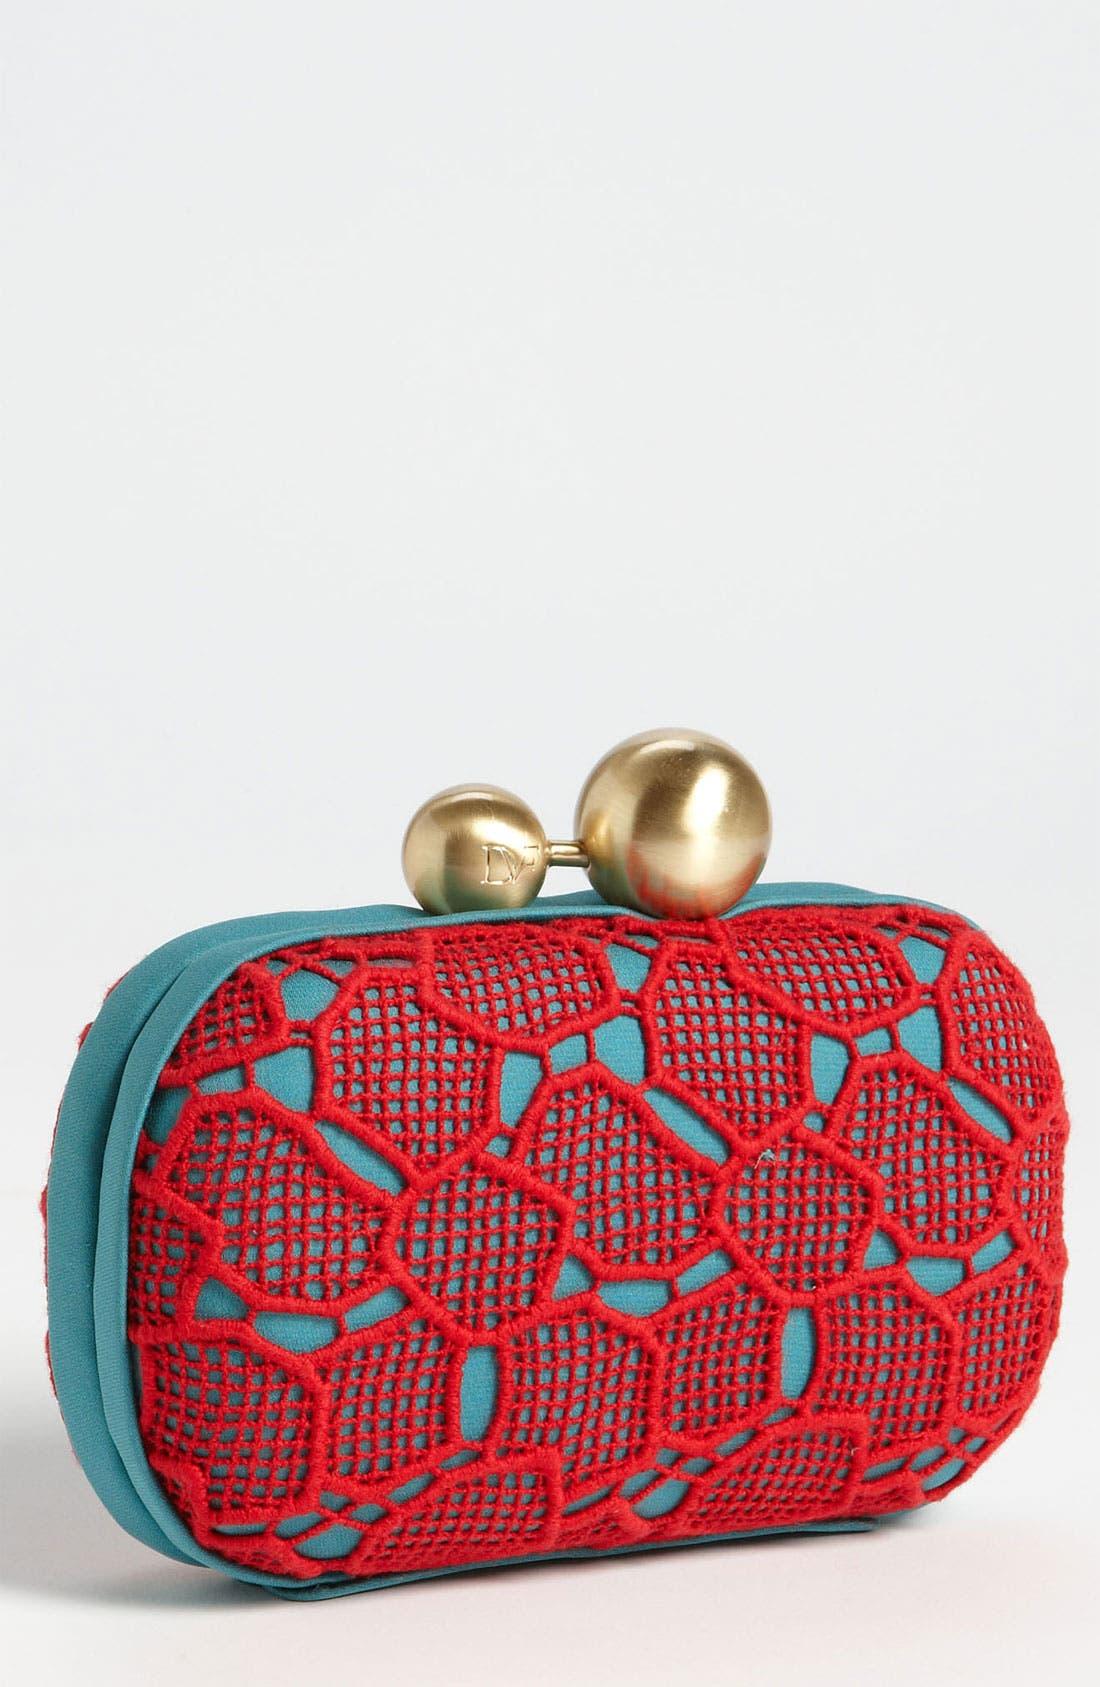 Main Image - Diane von Furstenberg 'Sphere' Lace Clutch